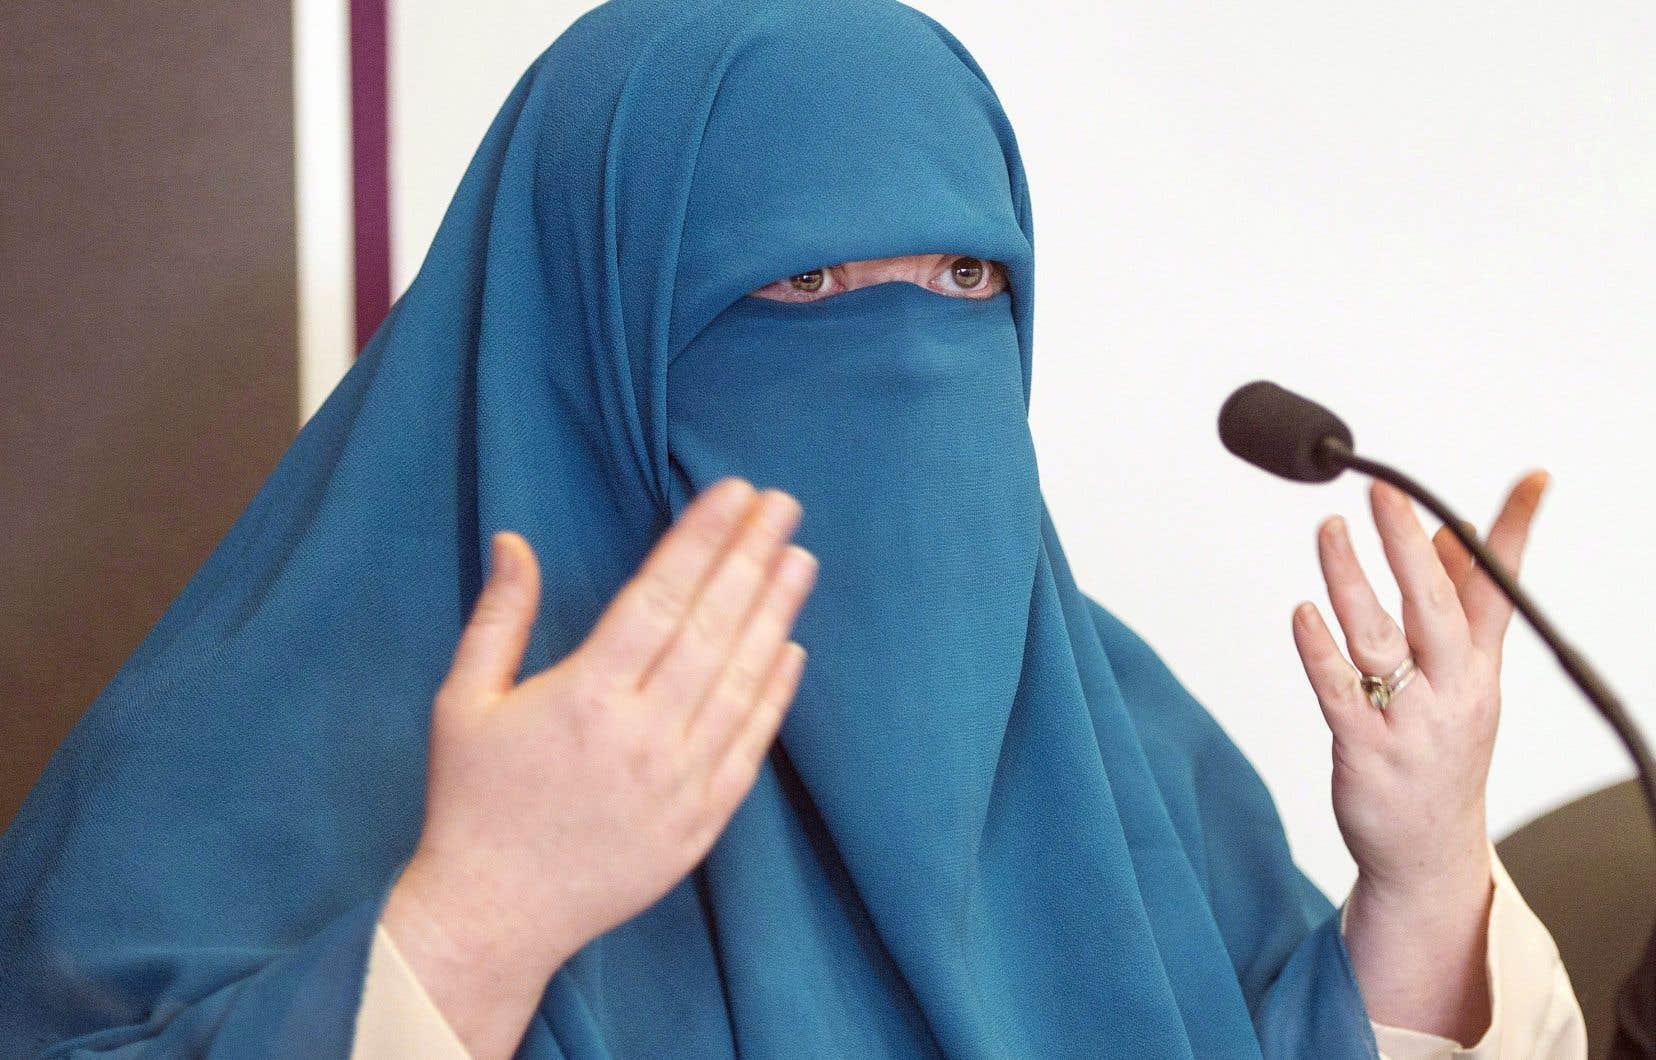 Marie-Michelle Lacoste, qui se fait désormais appeler Warda Naili, a contesté devant les tribunaux la loi québécoise sur la neutralité religieuse moins de trois semaines après sa sanction officielle.